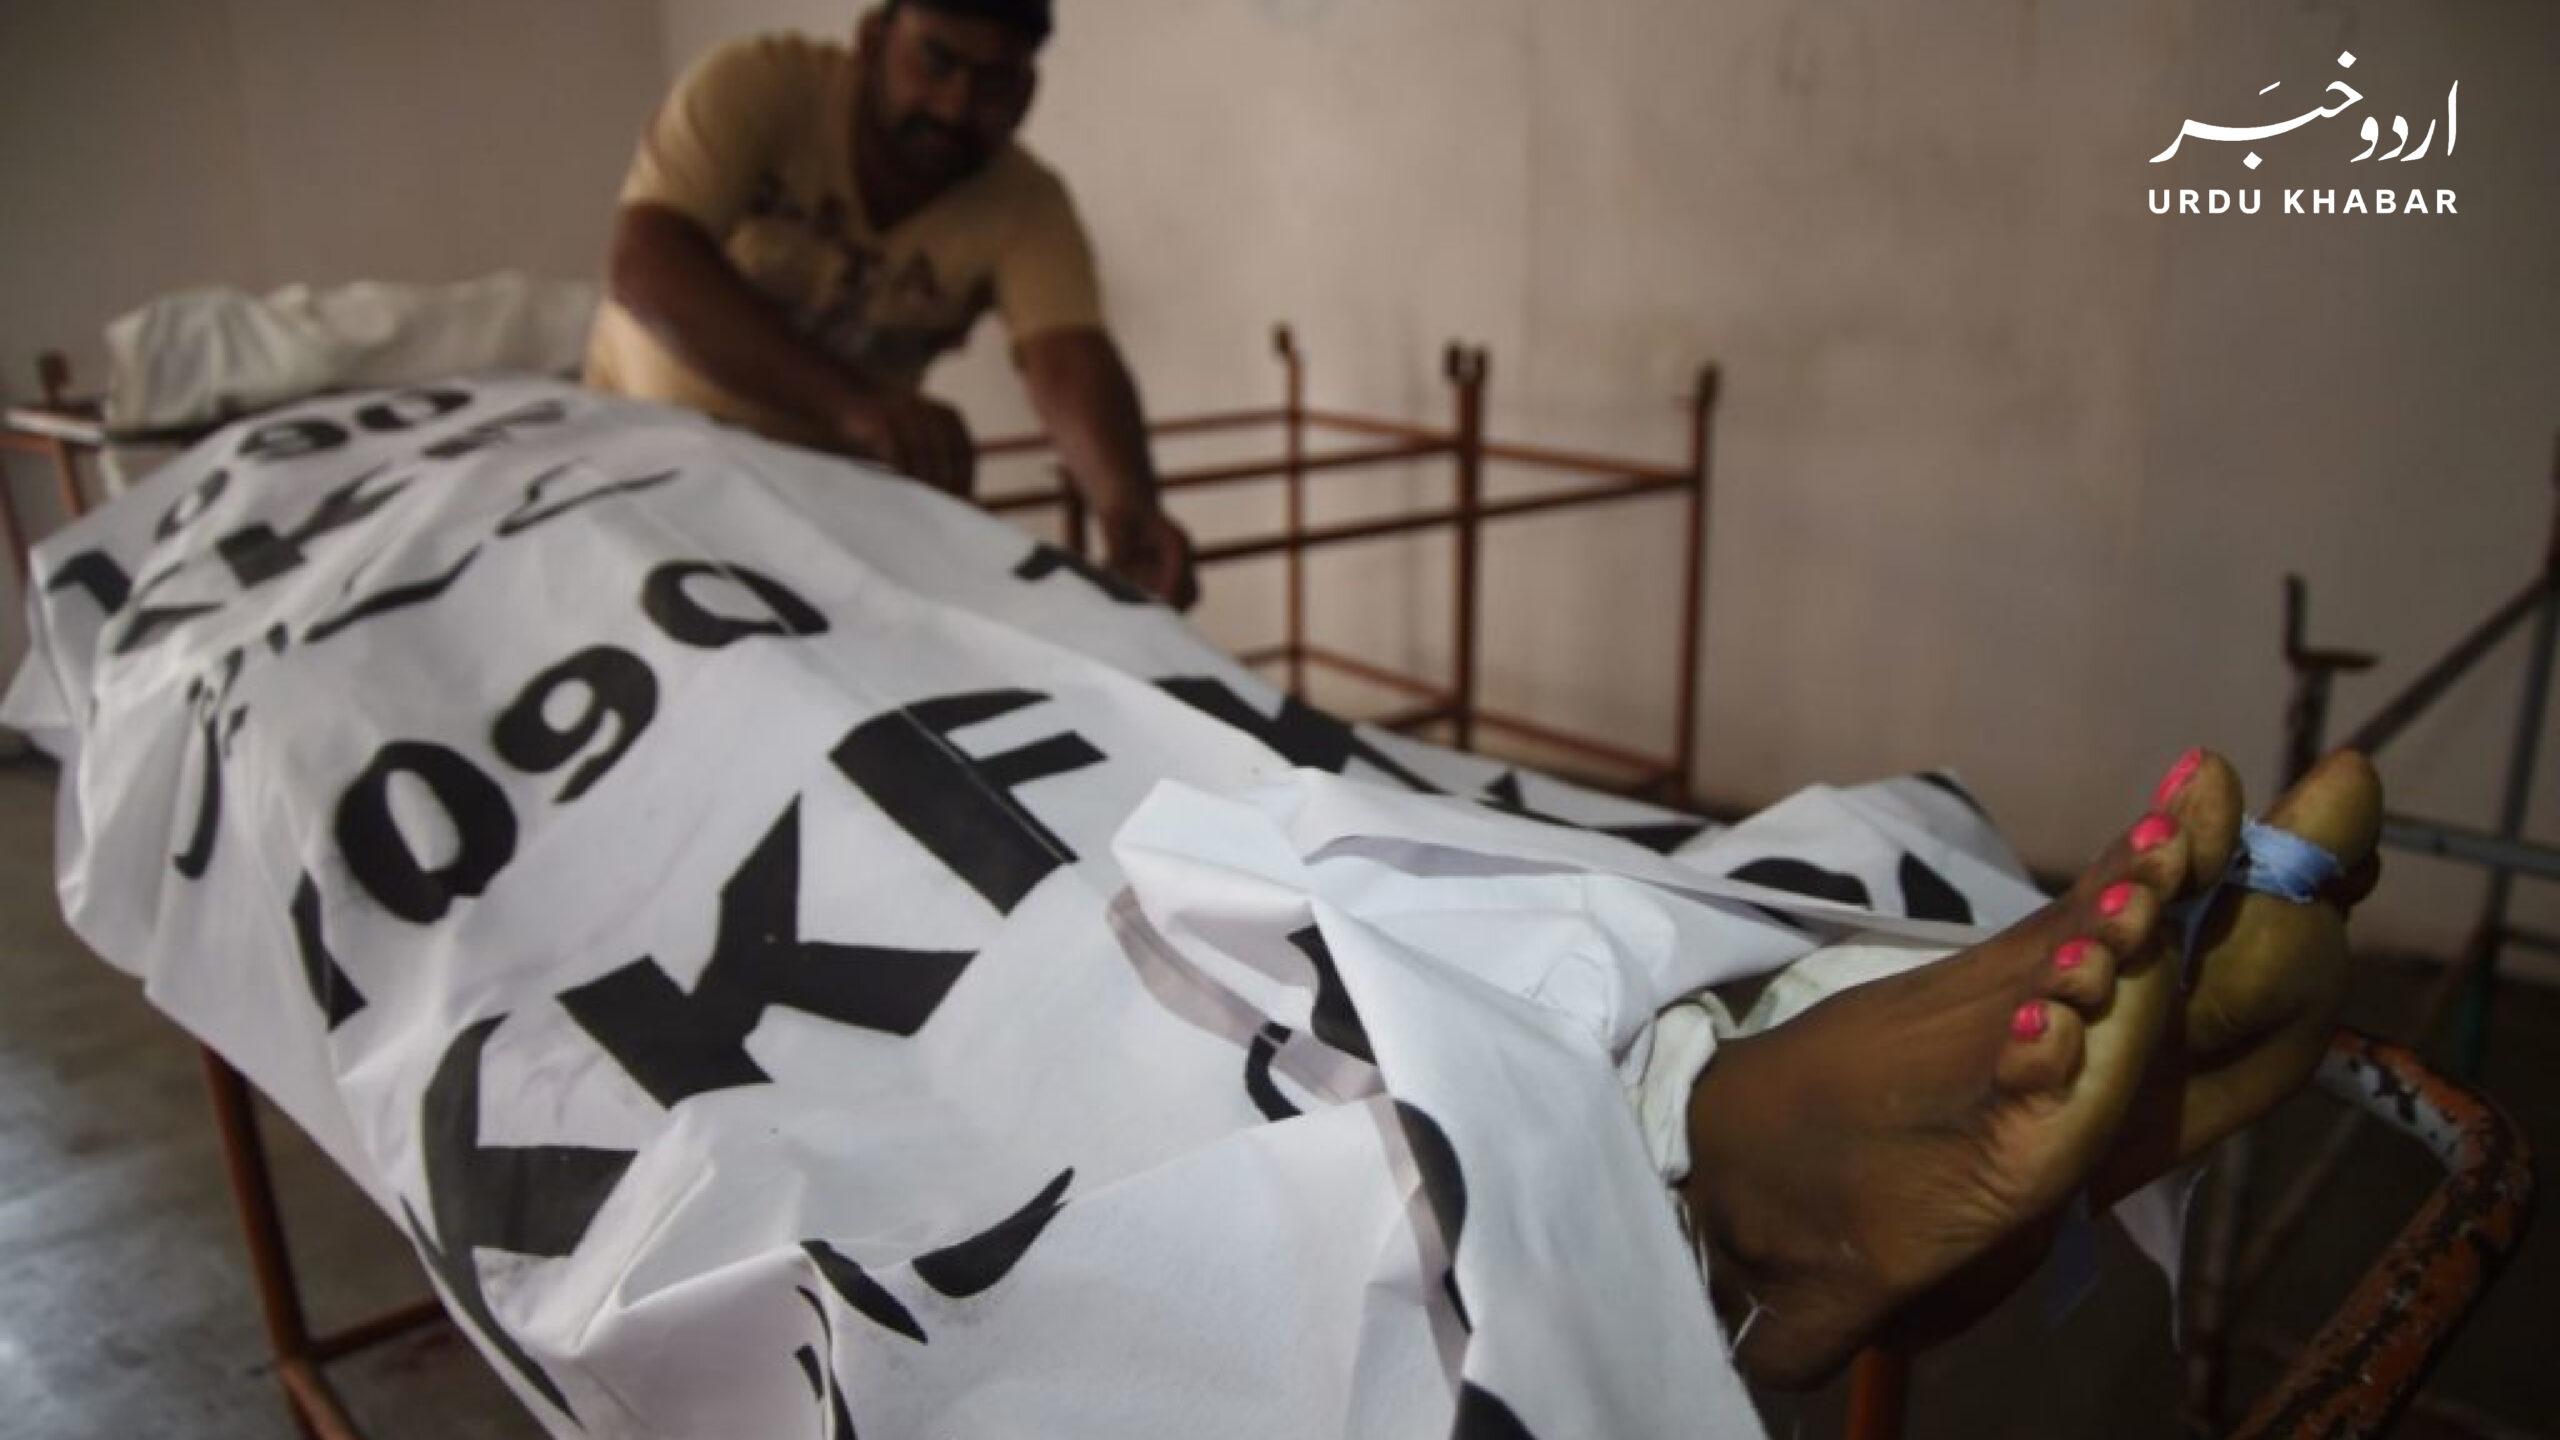 کراچی کے علاقے کورنگی میں بزرگ خواجہ سرا کو گولی مار کر ہلاک کردیا گیا